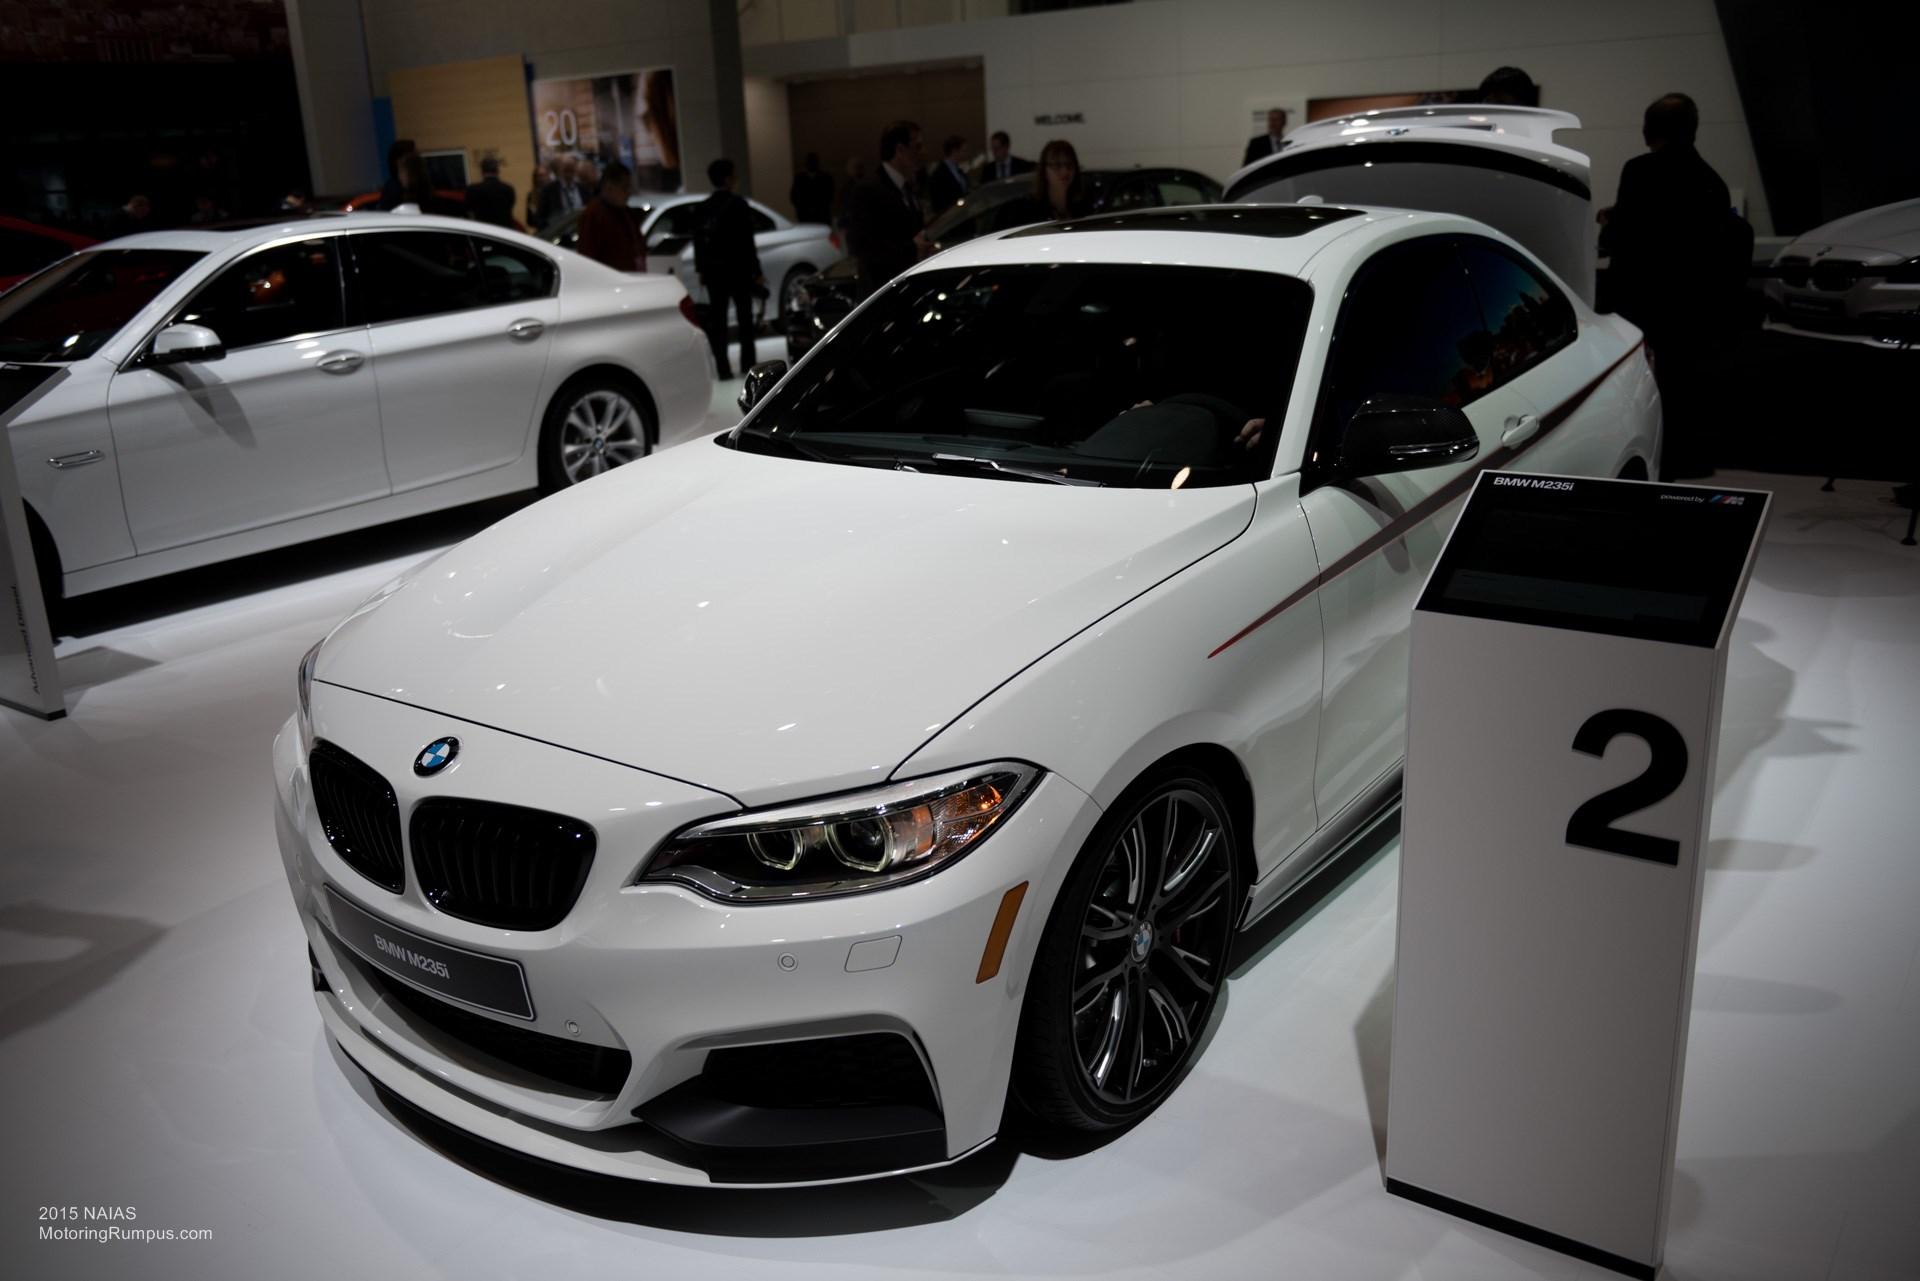 2015 NAIAS BMW M235i